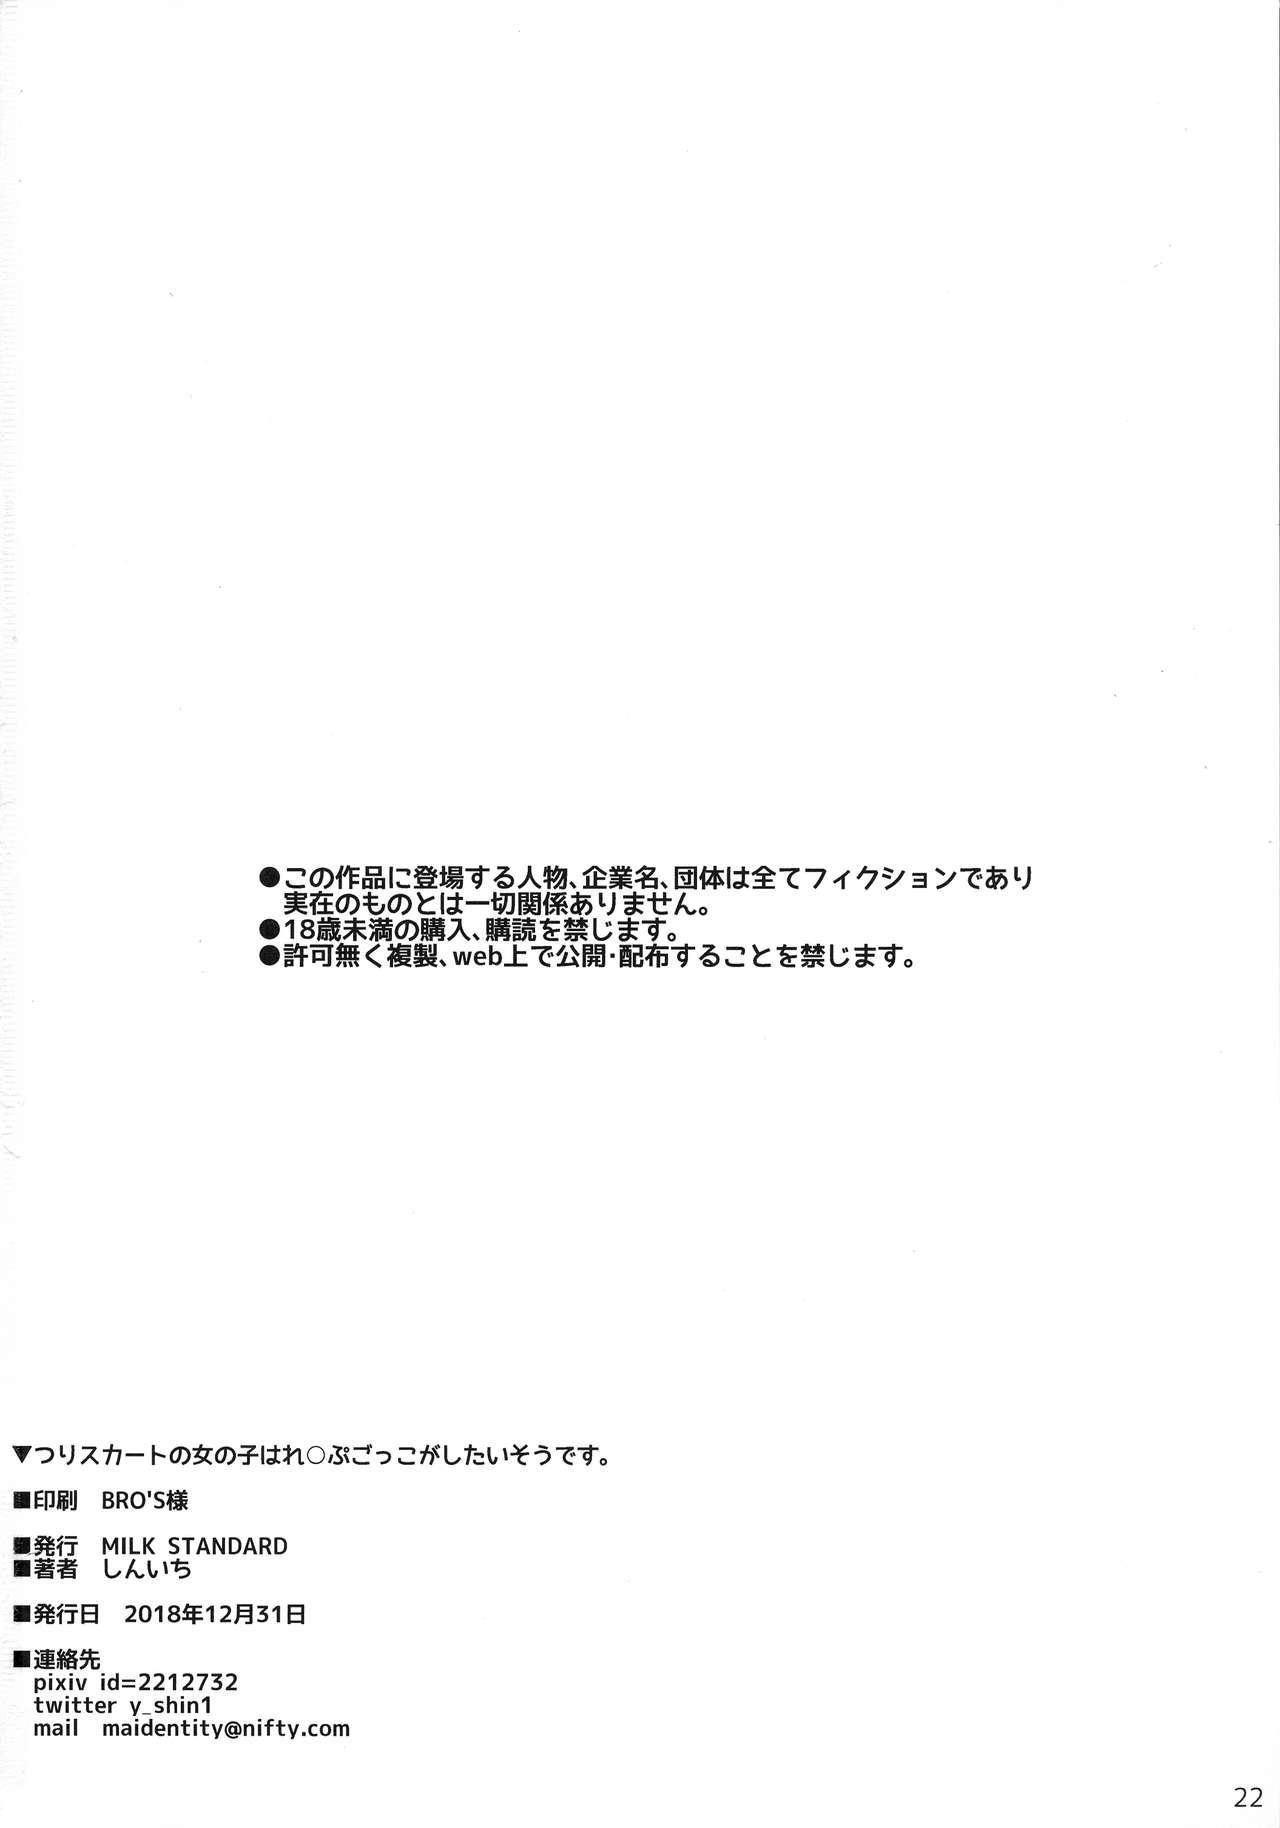 Tsuri Skirt no Onnanoko wa Rape Gokko ga Shitai Sou desu. 21